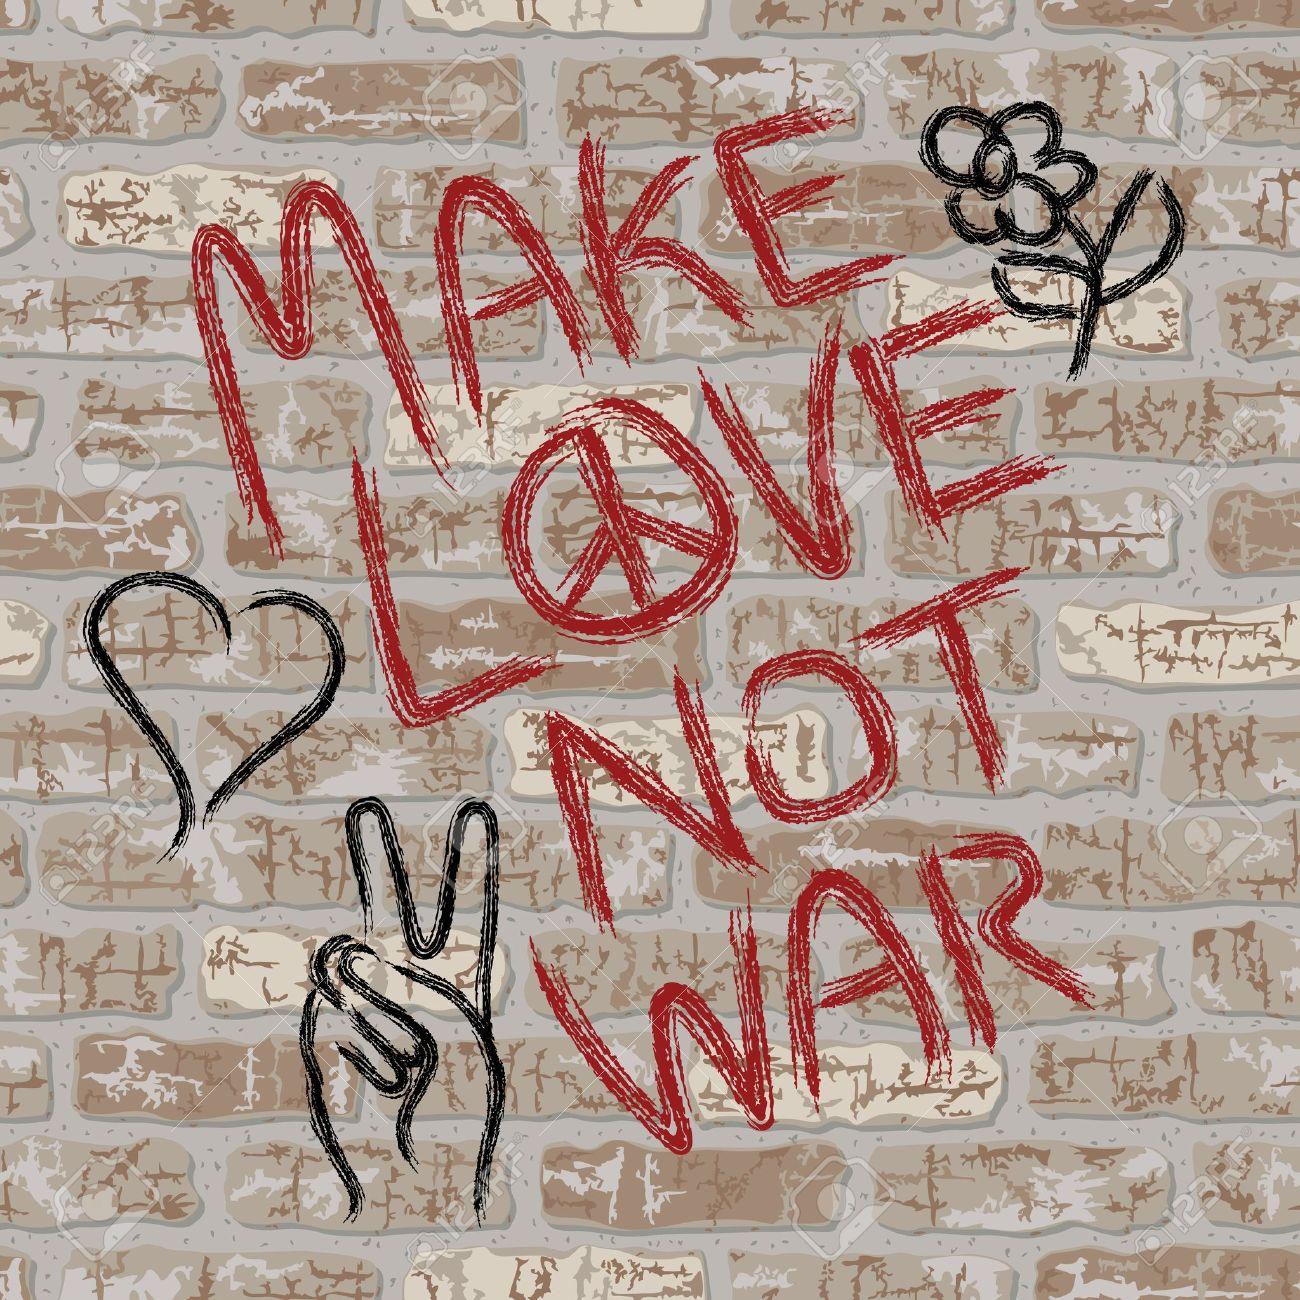 hacer el amor y no la guerra graffitis contra la guerra en una pared de ladrillos